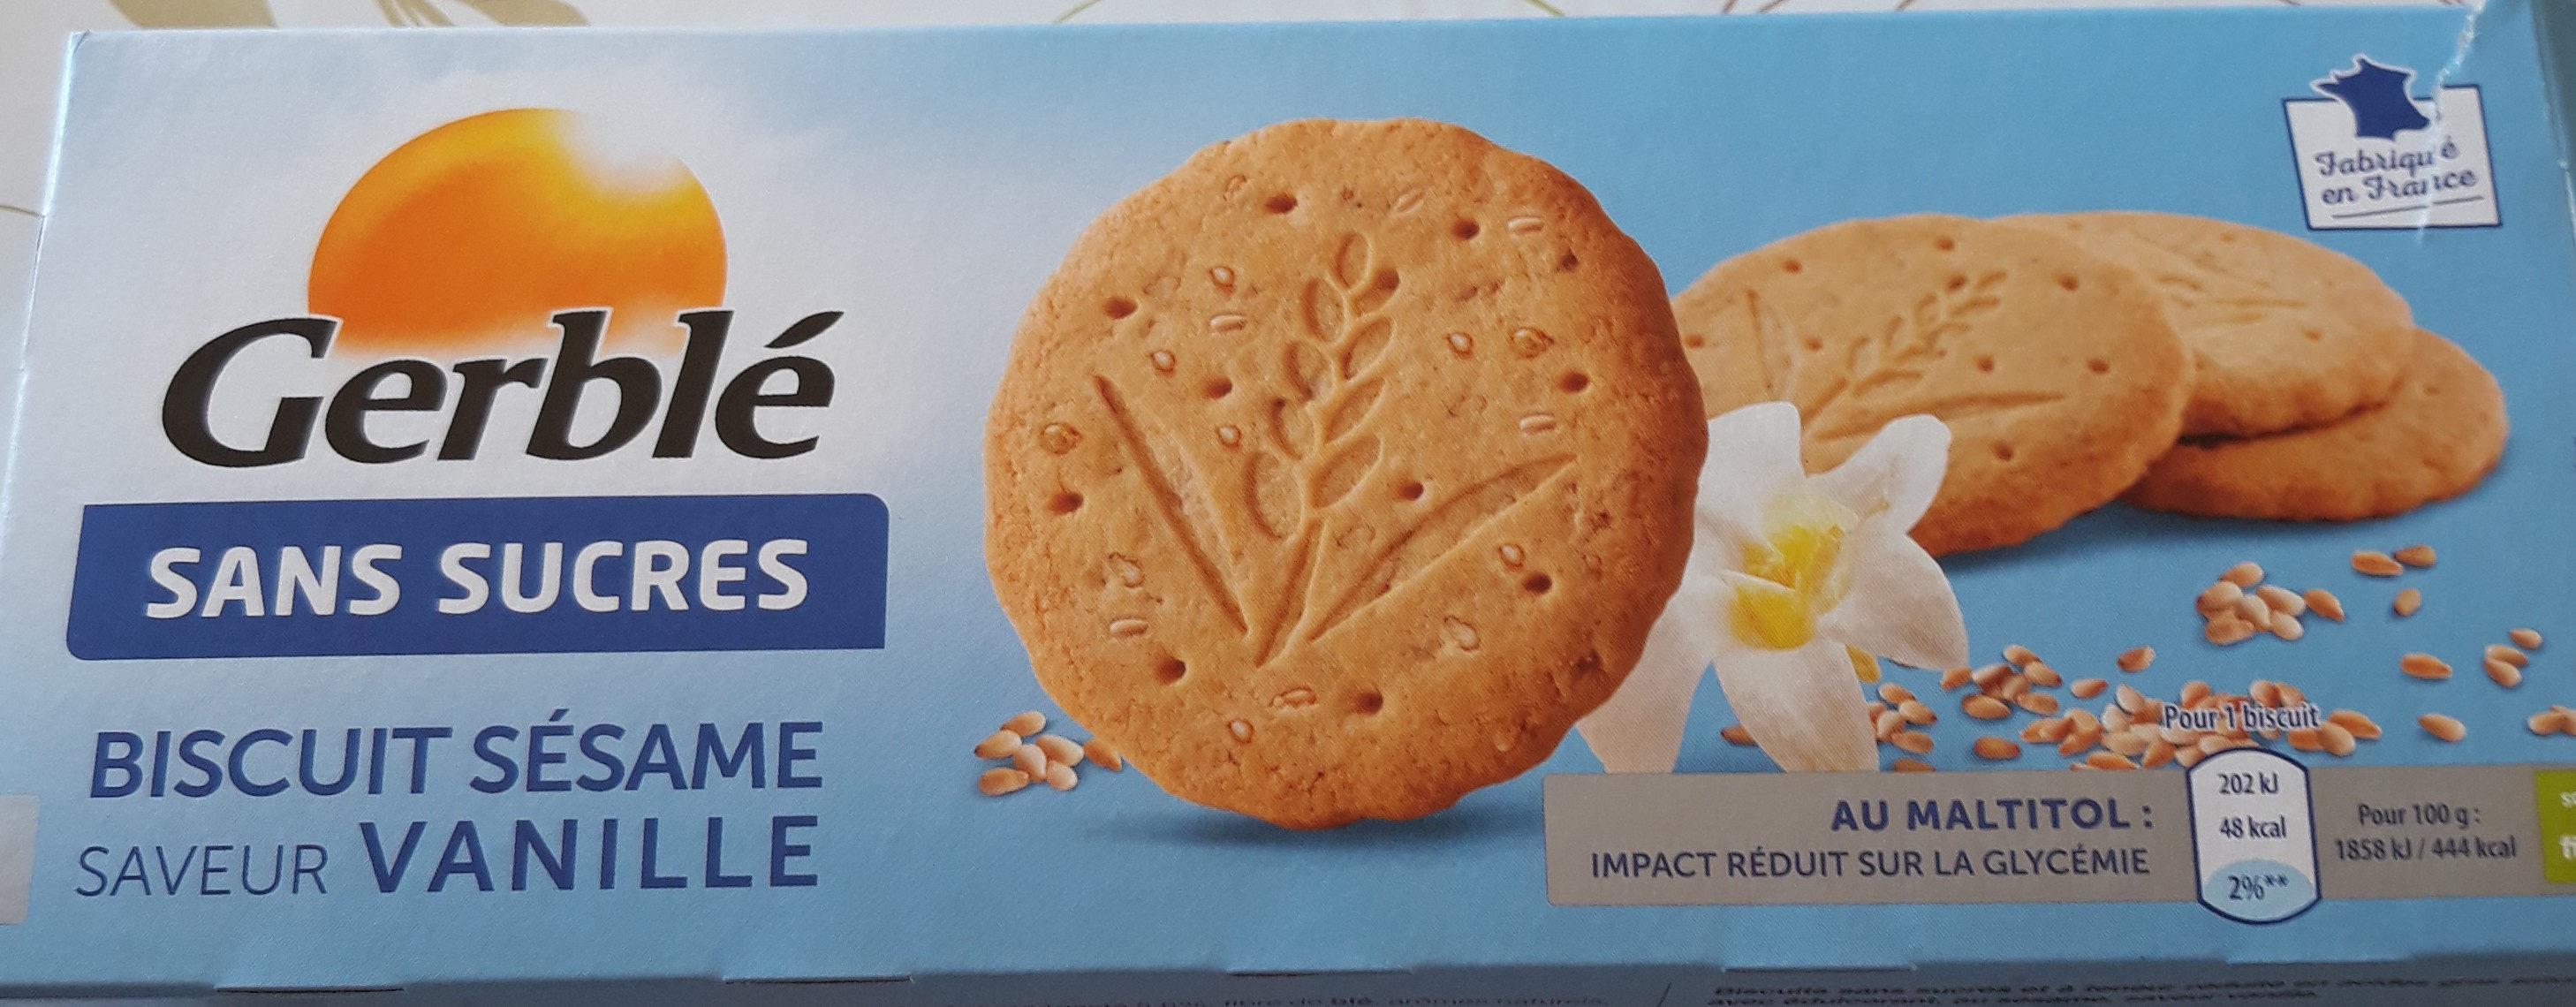 Biscuit sésame saveur vanille - Produit - fr